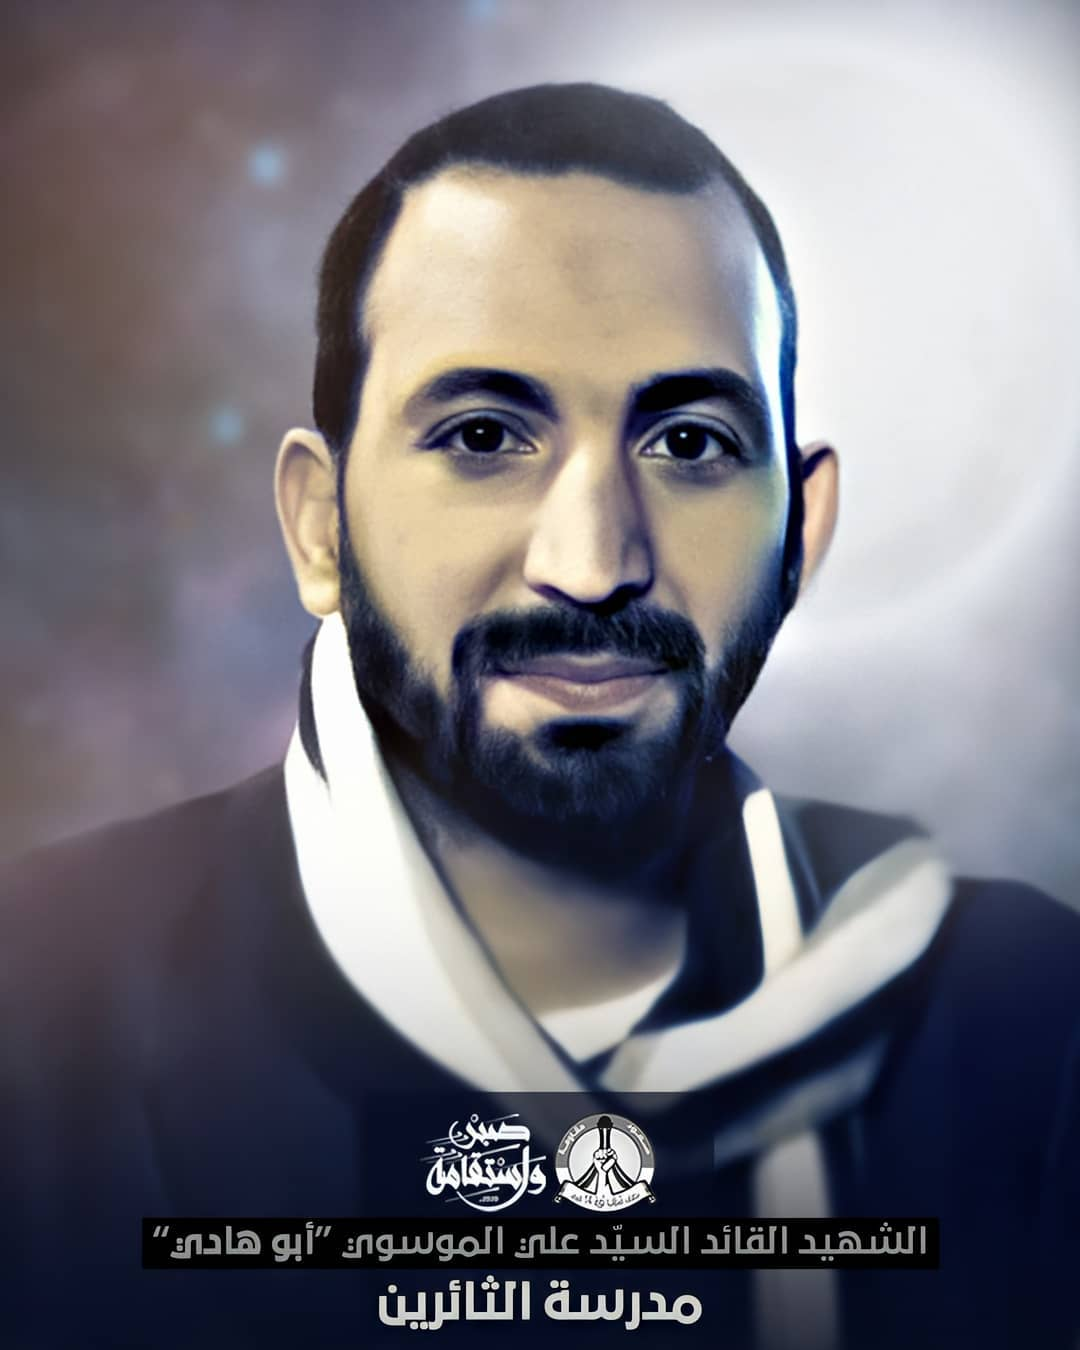 ائتلاف 14 فبراير يحيي الذكرى السنويّة السادسة لاستشهادالشهيد القائد «أبو هادي»